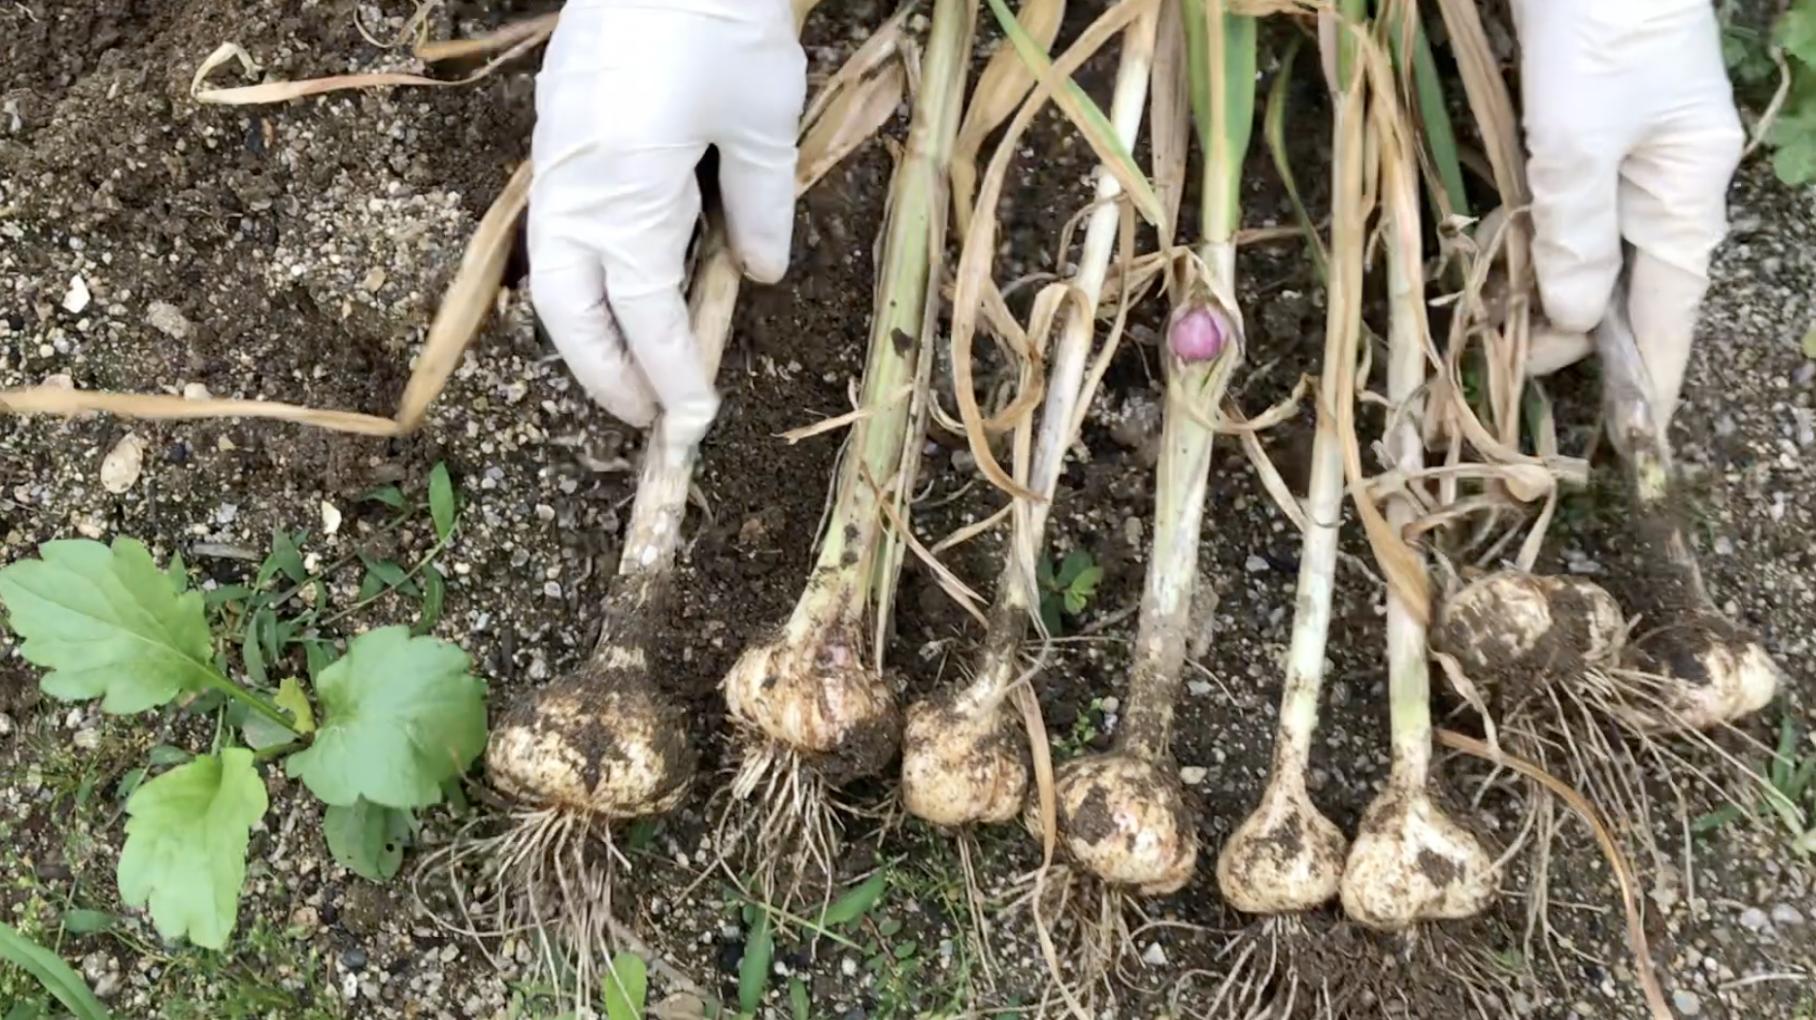 ニンニク栽培 初めての収穫と保存